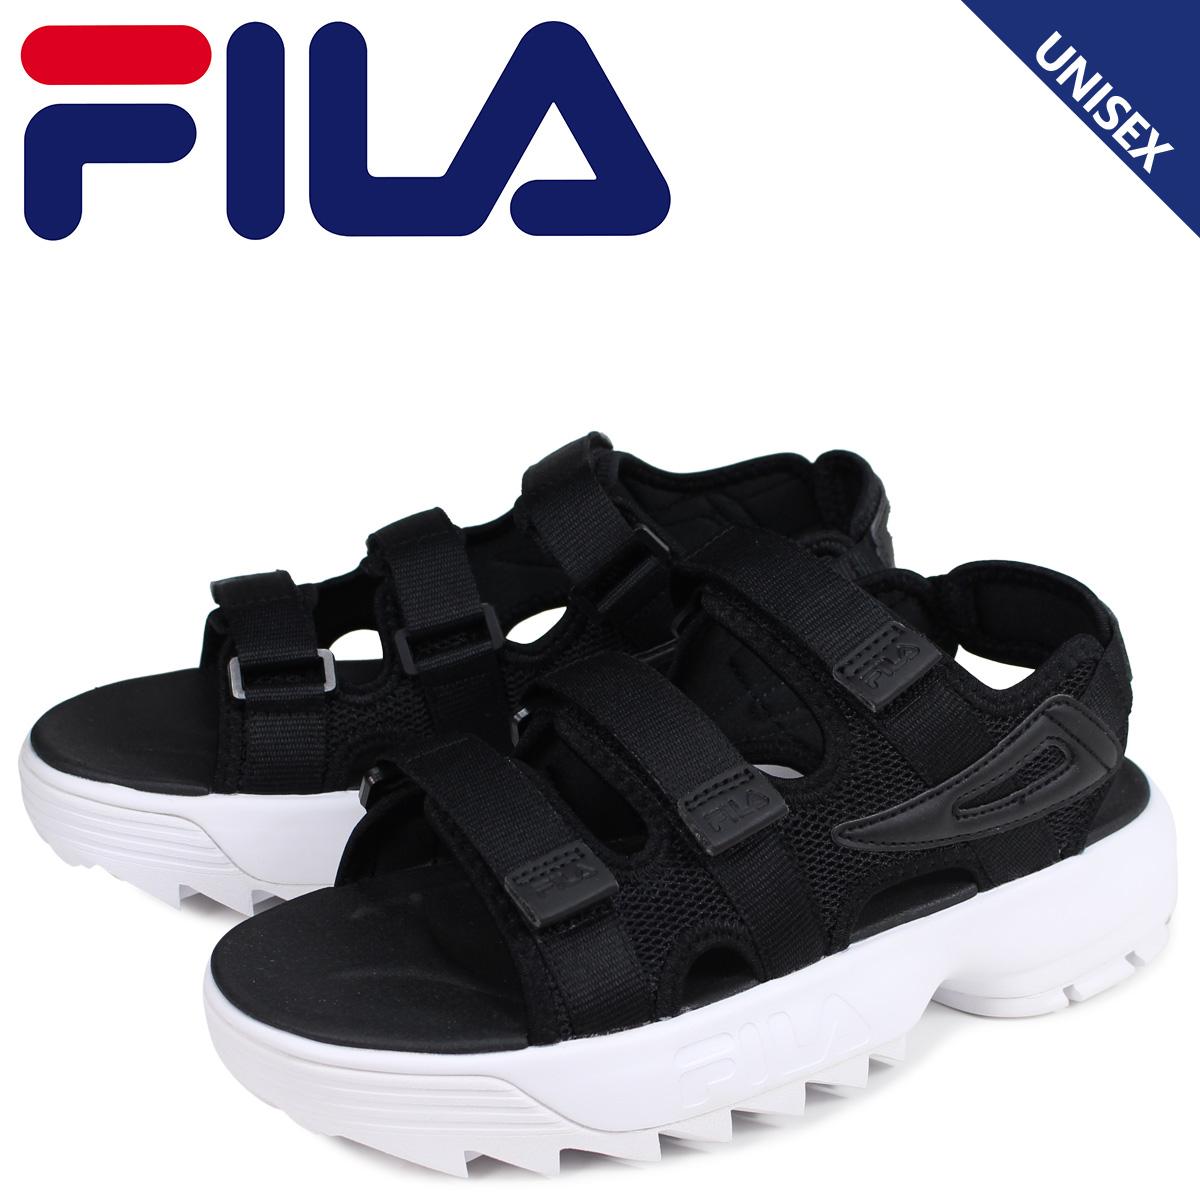 FILA フィラ ディスラプター サンダル スポーツサンダル メンズ レディース 厚底 DISRUPTOR SD ブラック 黒 FS1SPB2011X-BBK